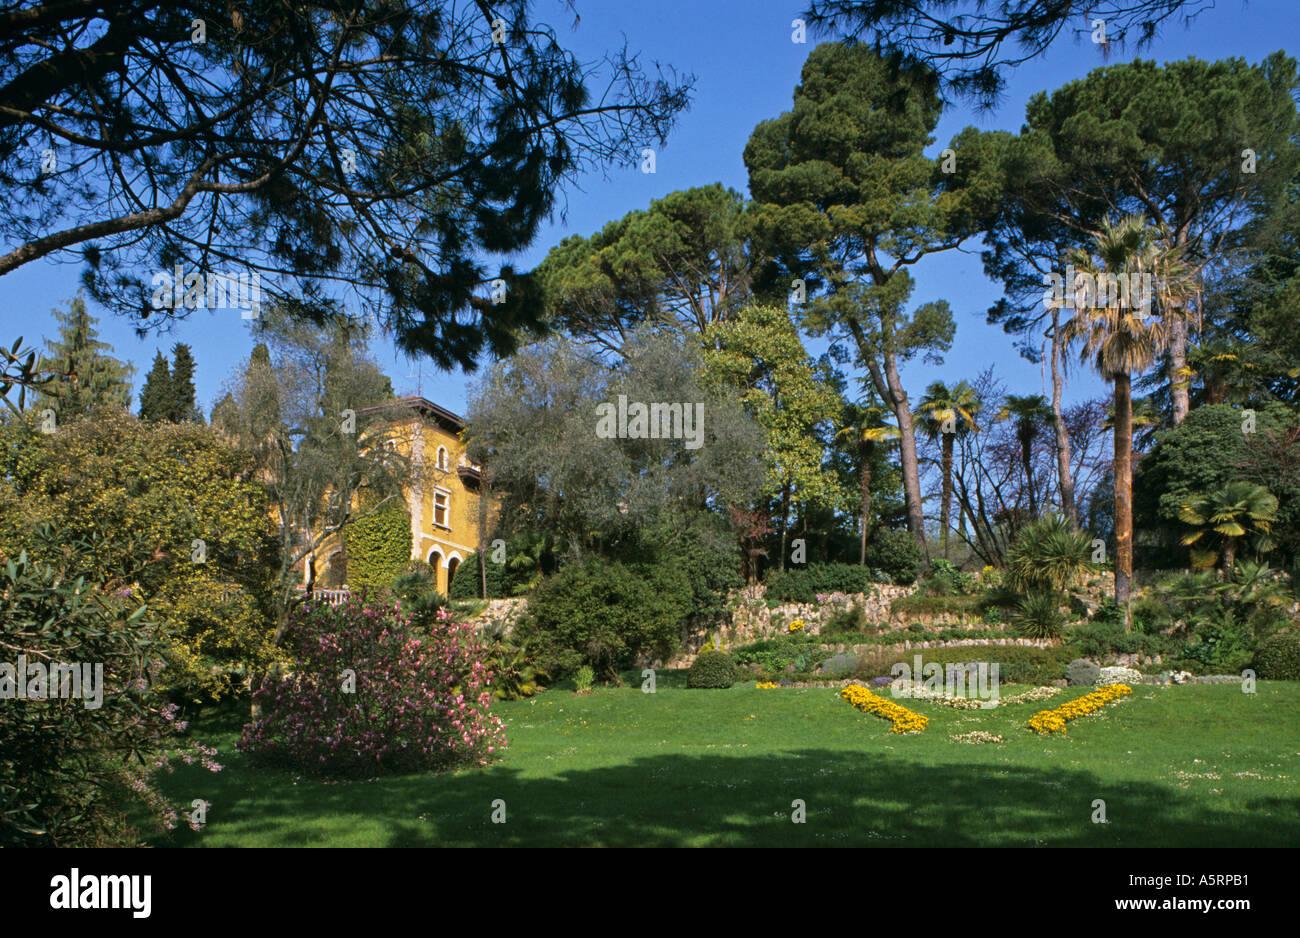 Botanischer Garten Von André Heller In Gardone Riviera Am Gardasee